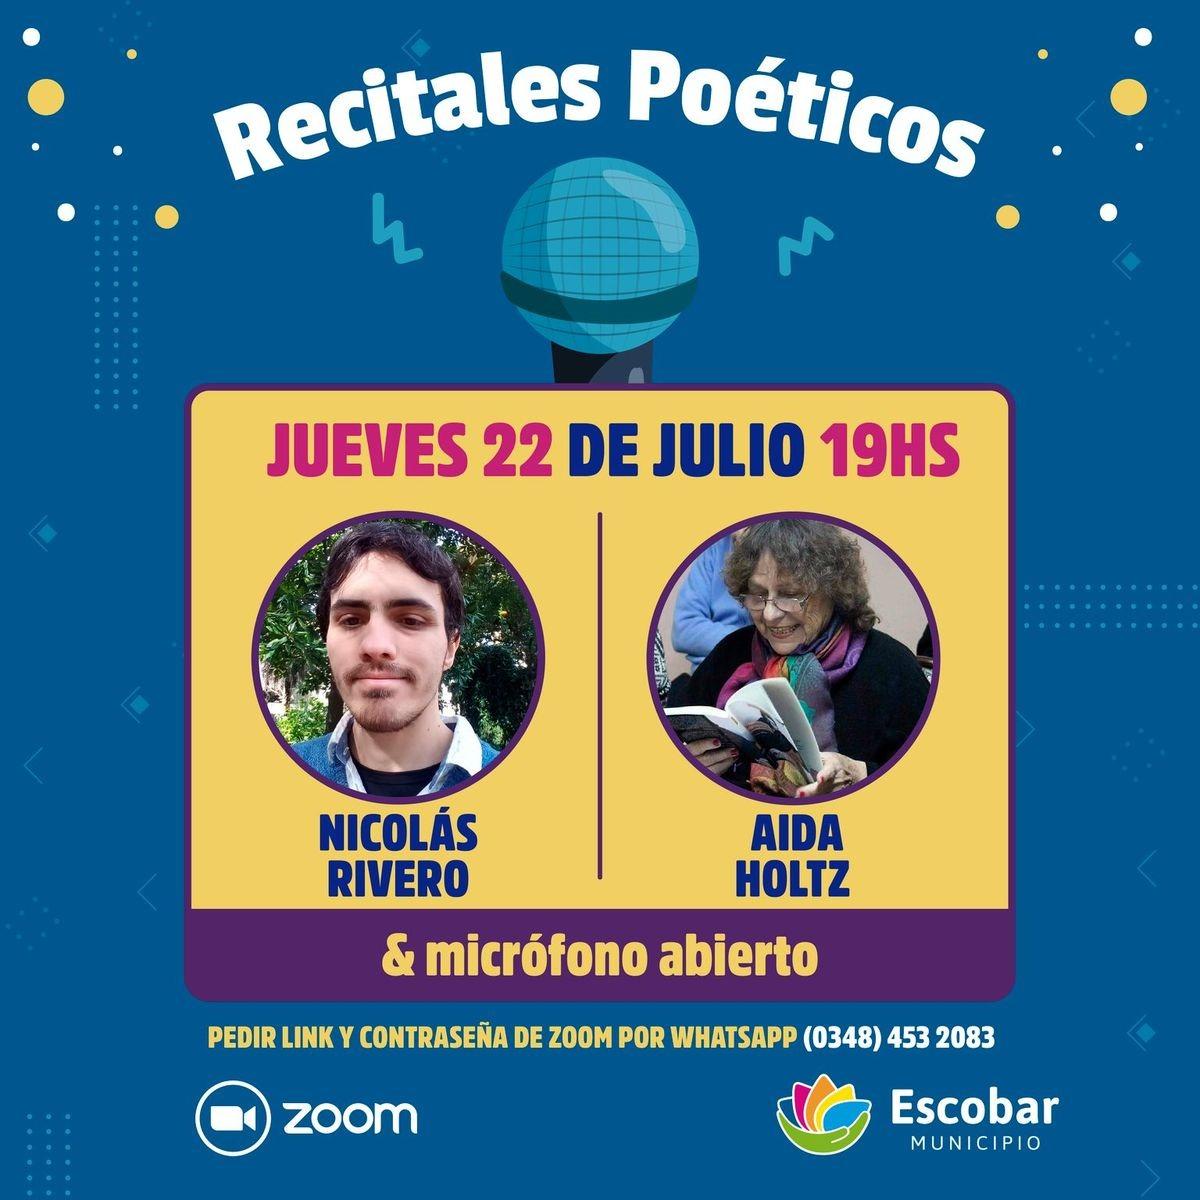 Escobar, Nicolás Rivero & Aida Holtz, en el Ciclo de Recitales Poéticos 2021